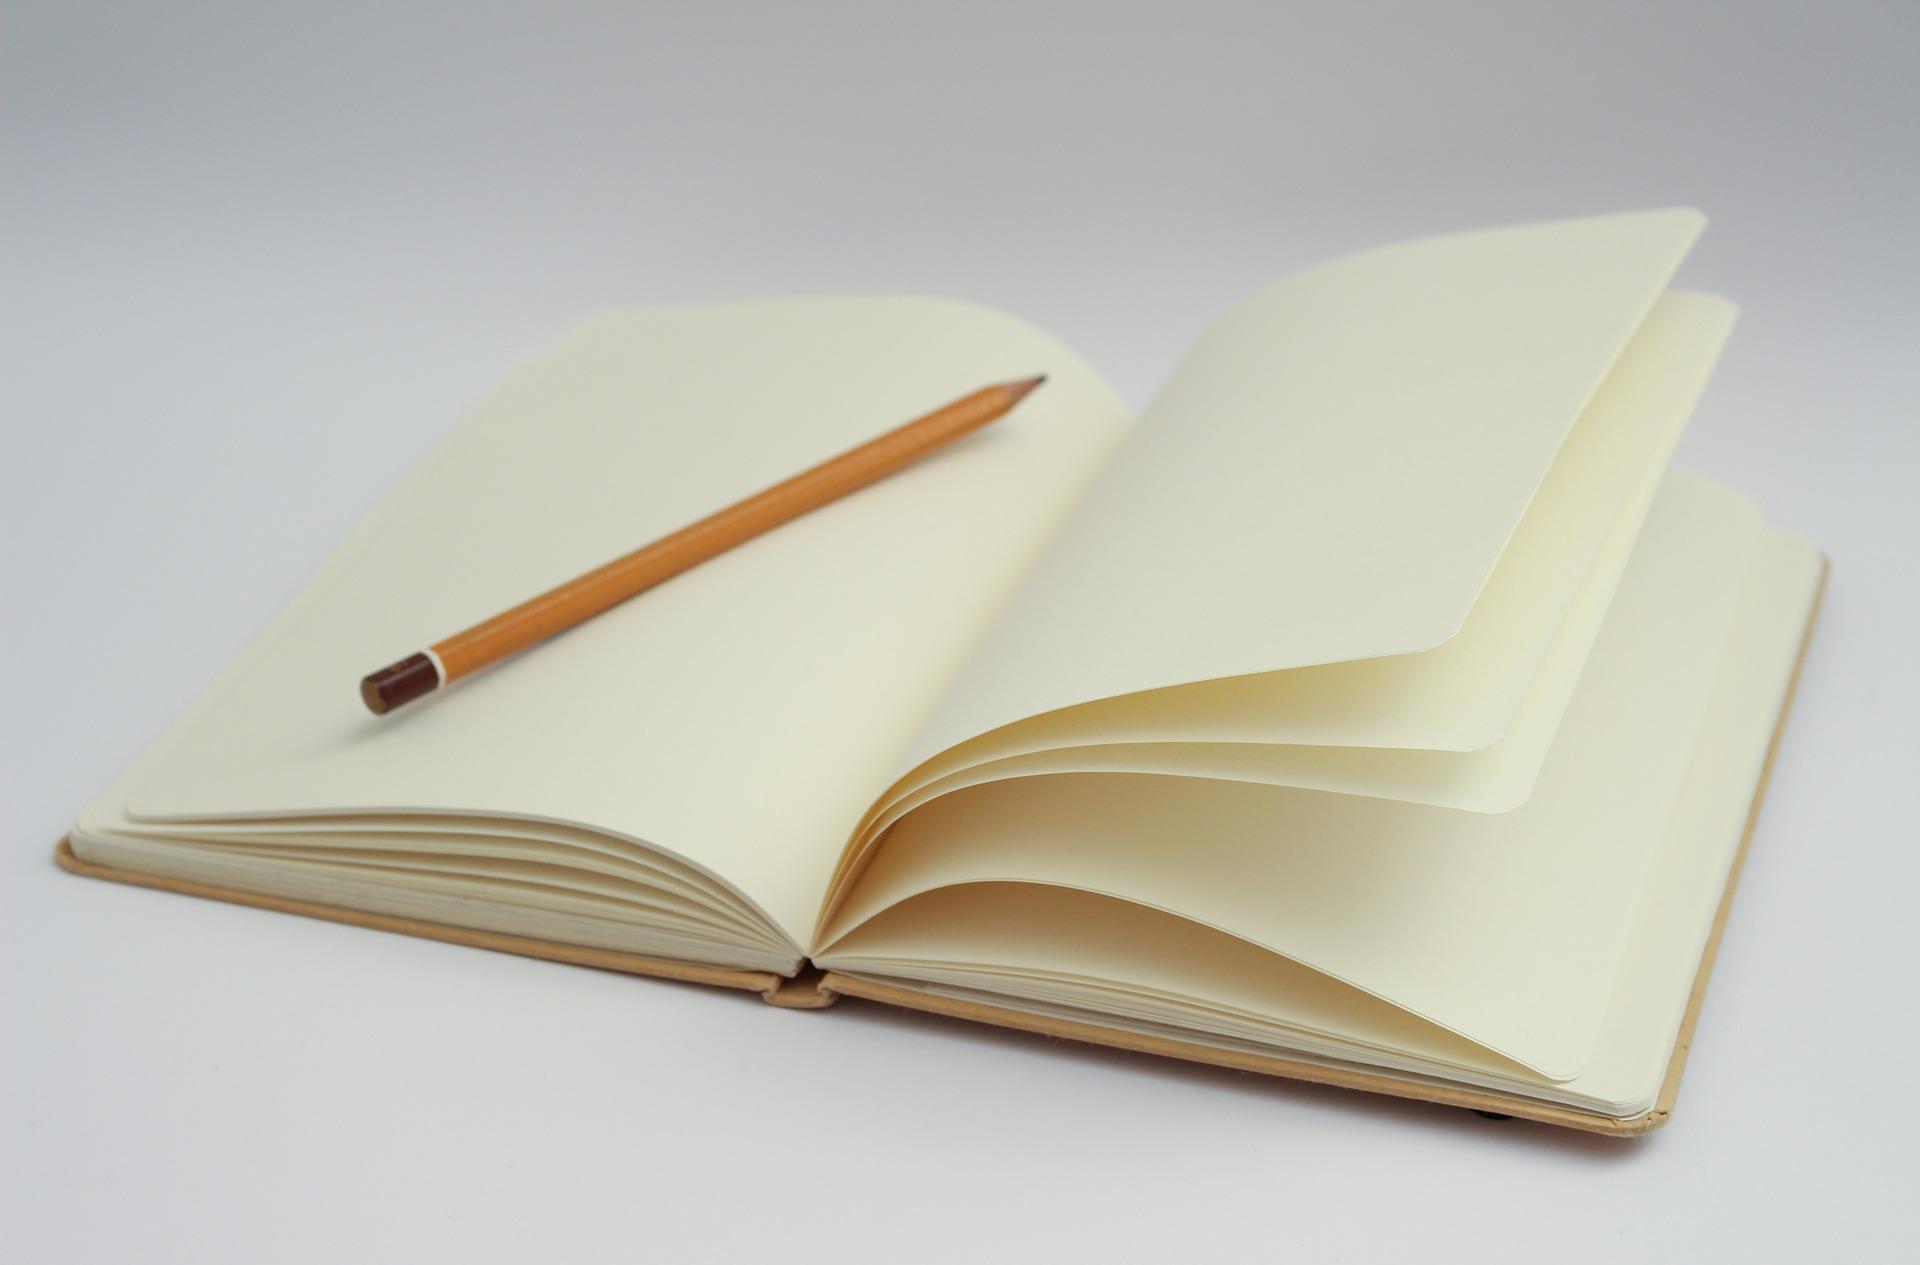 Notebook 1194456 1920